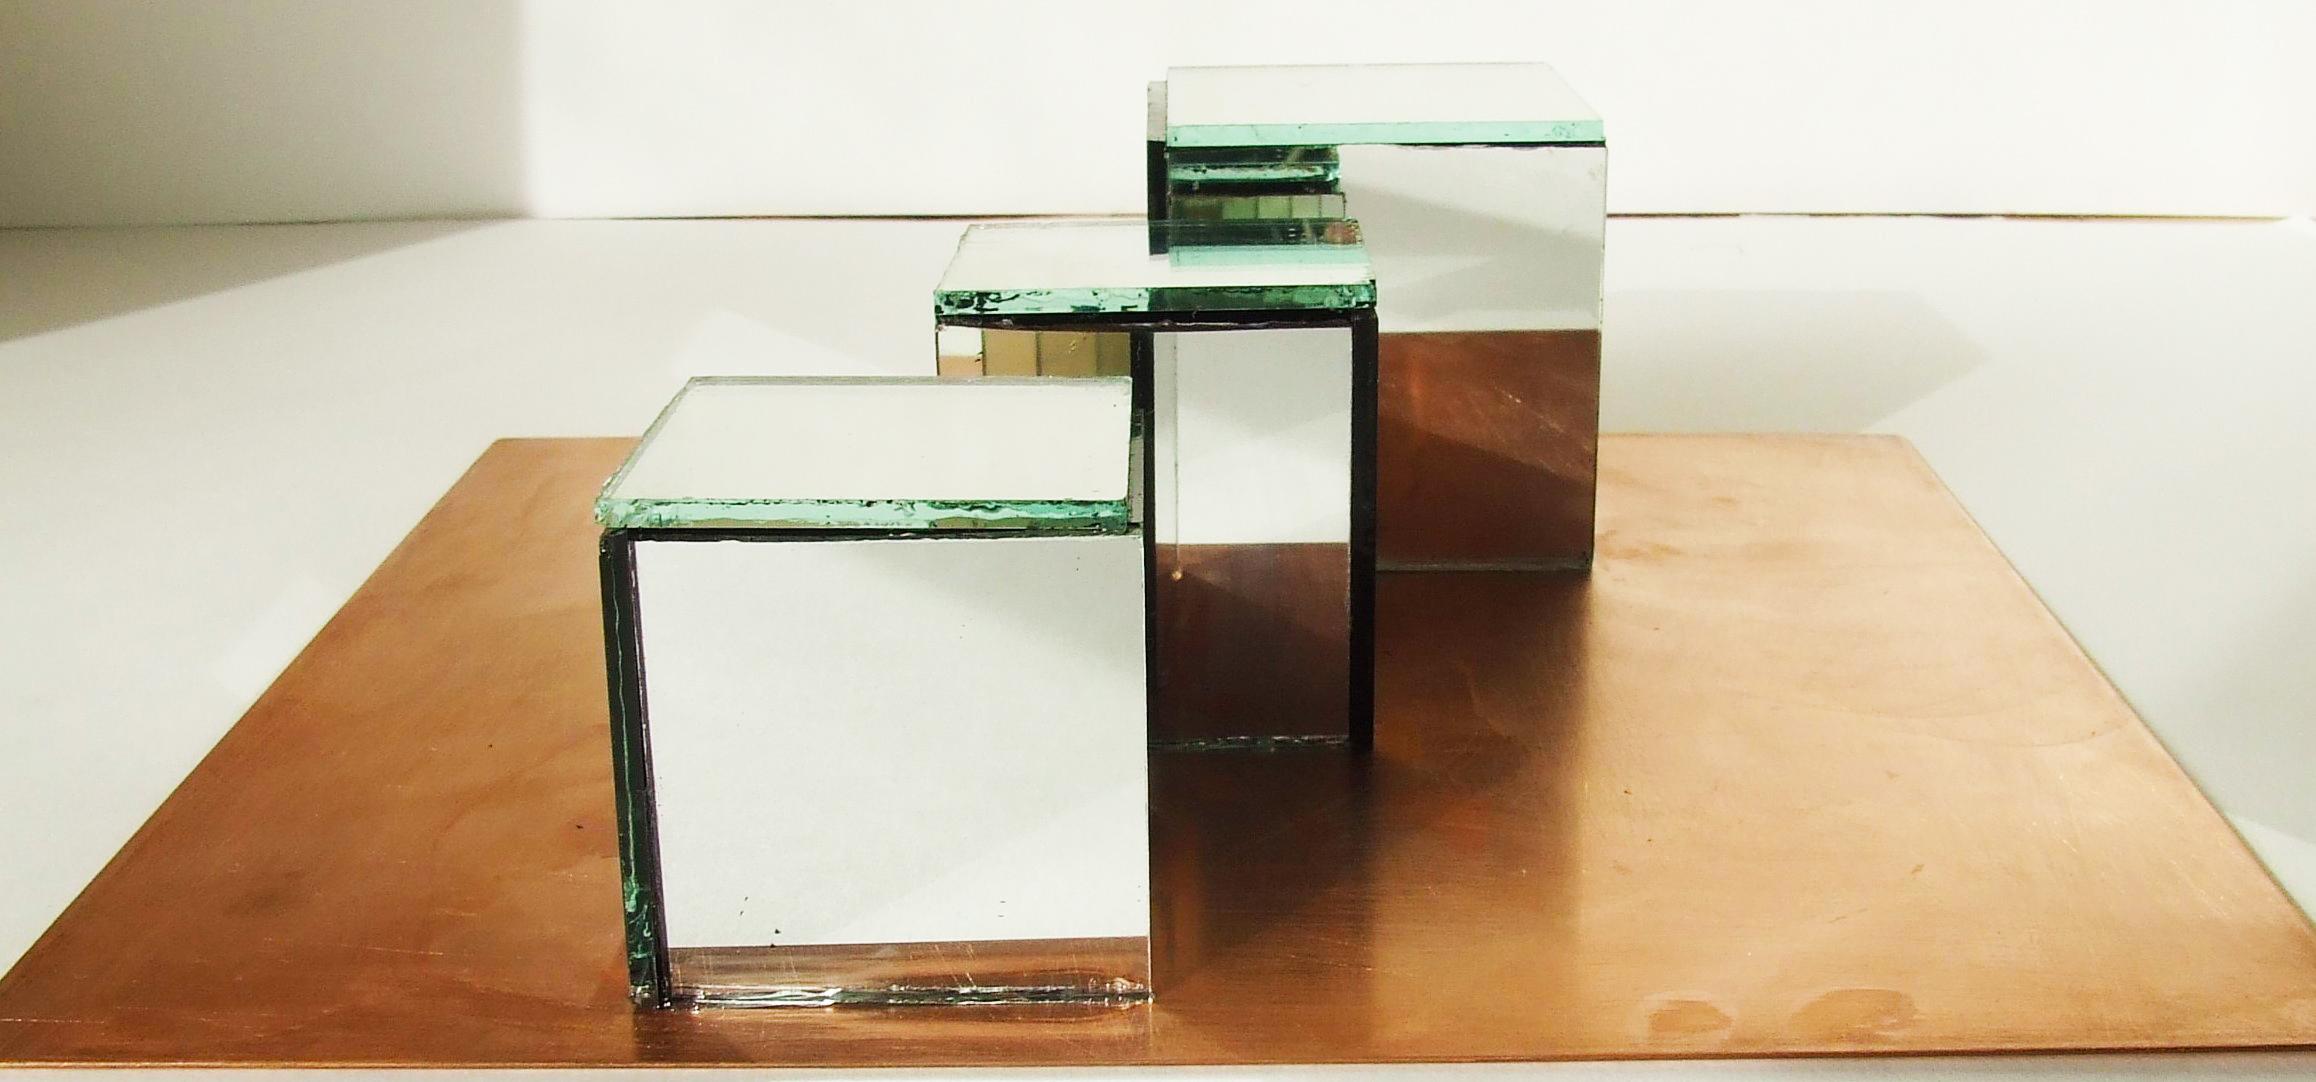 Série I, Construção VI, 2015